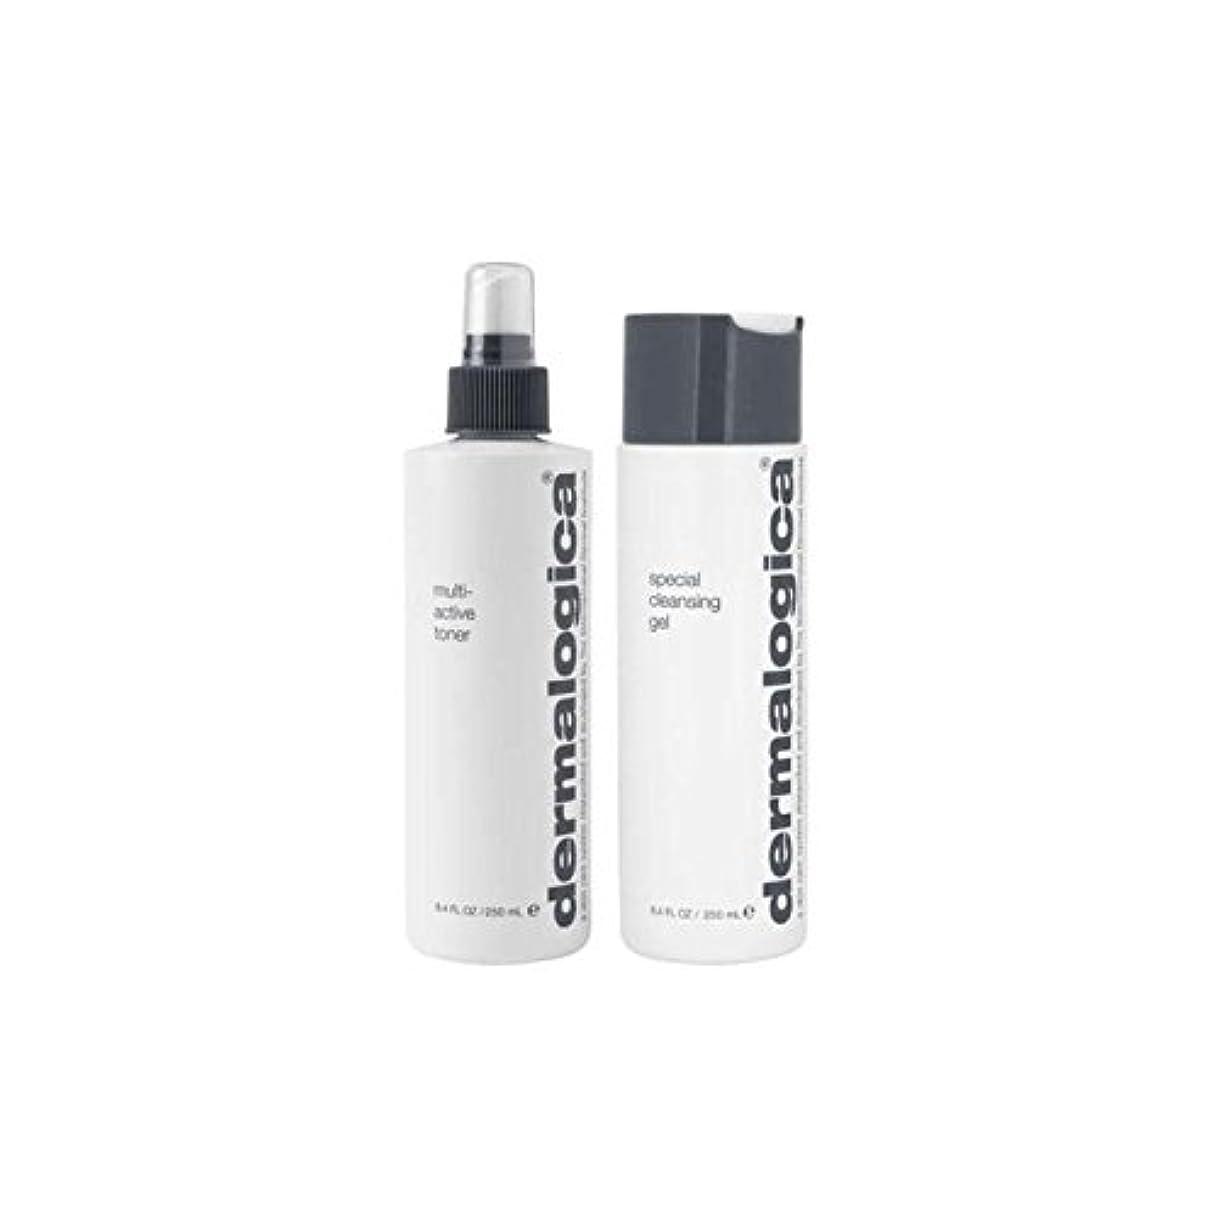 番号りんごシーフードDermalogica Cleanse & Tone Duo - Normal/Dry Skin (2 Products) - ダーマロジカクレンジング&トーンデュオ - ノーマル/ドライスキン(2製品) [並行輸入品]